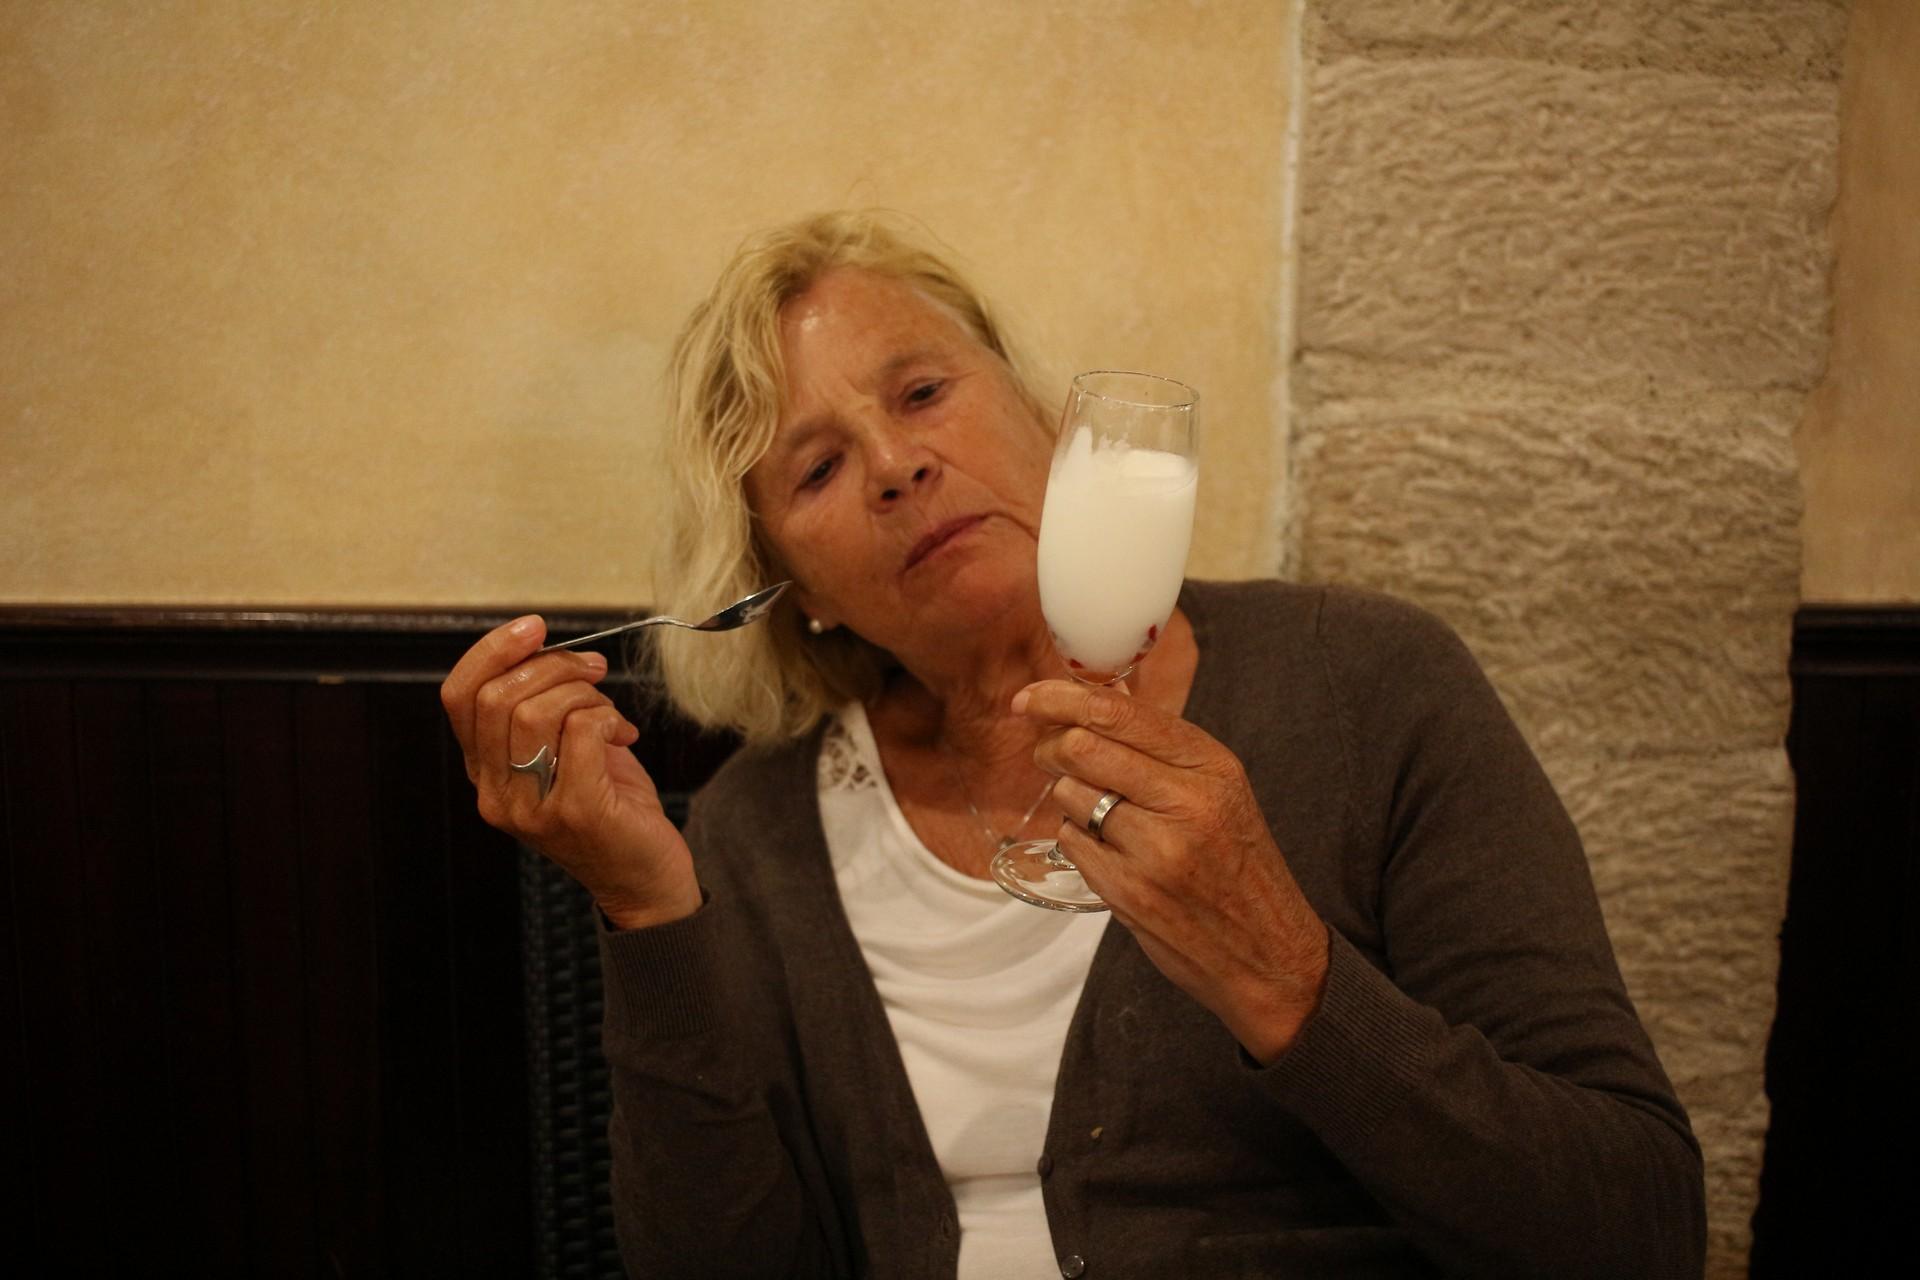 Jetzt noch ein Zitronen Sorbet - geschafft! Spruch des Tages von Brigitte: Dafür lass ich jedes Museum stehen.